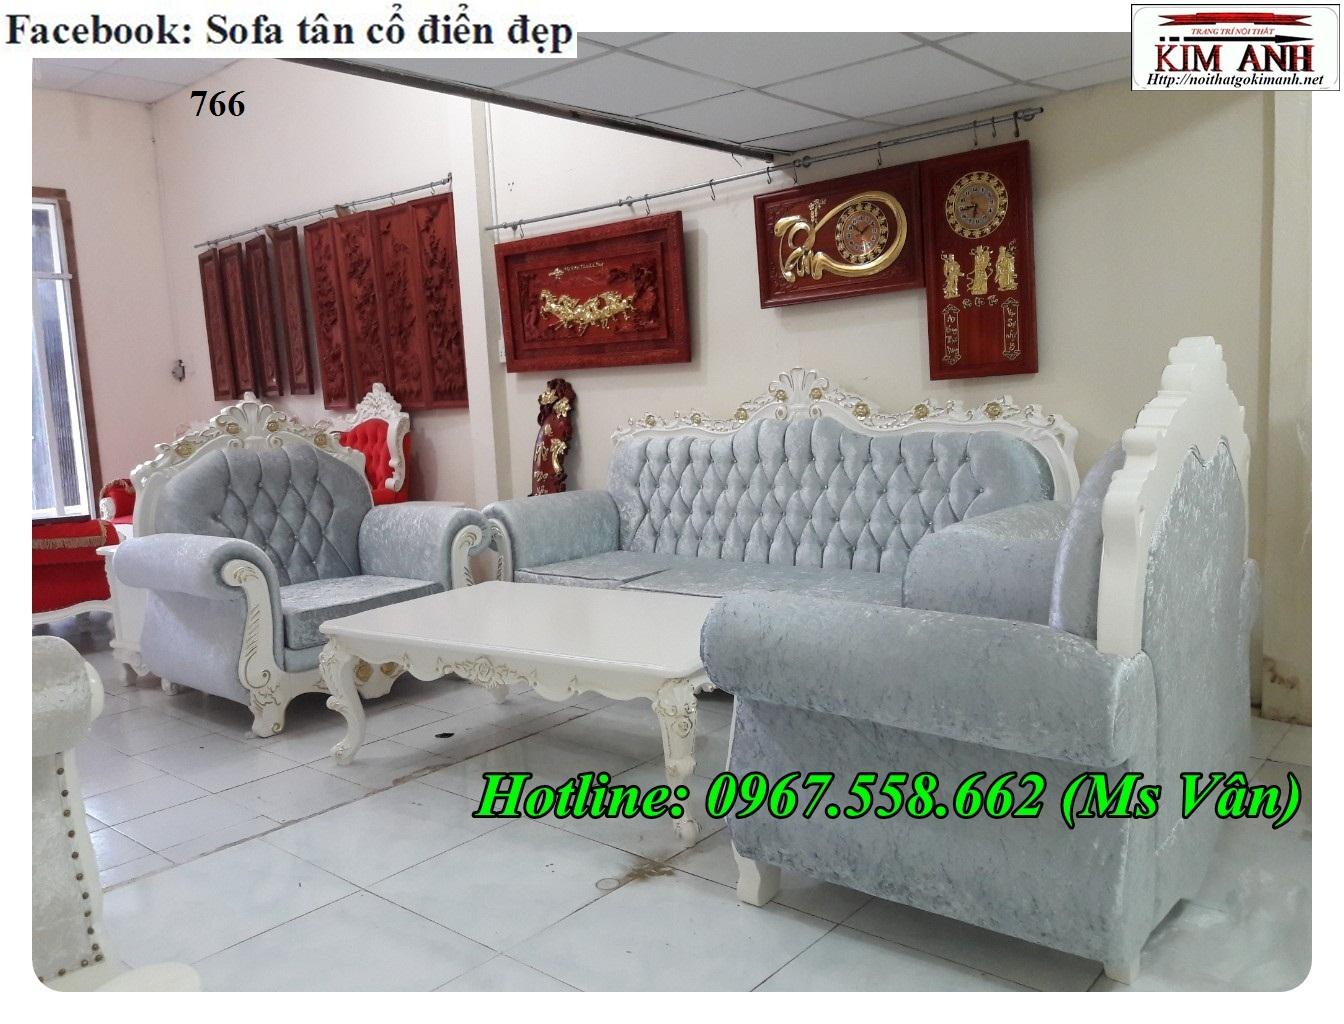 16 Thanh lý ghế sofa cổ điển giá gốc tại xưởng